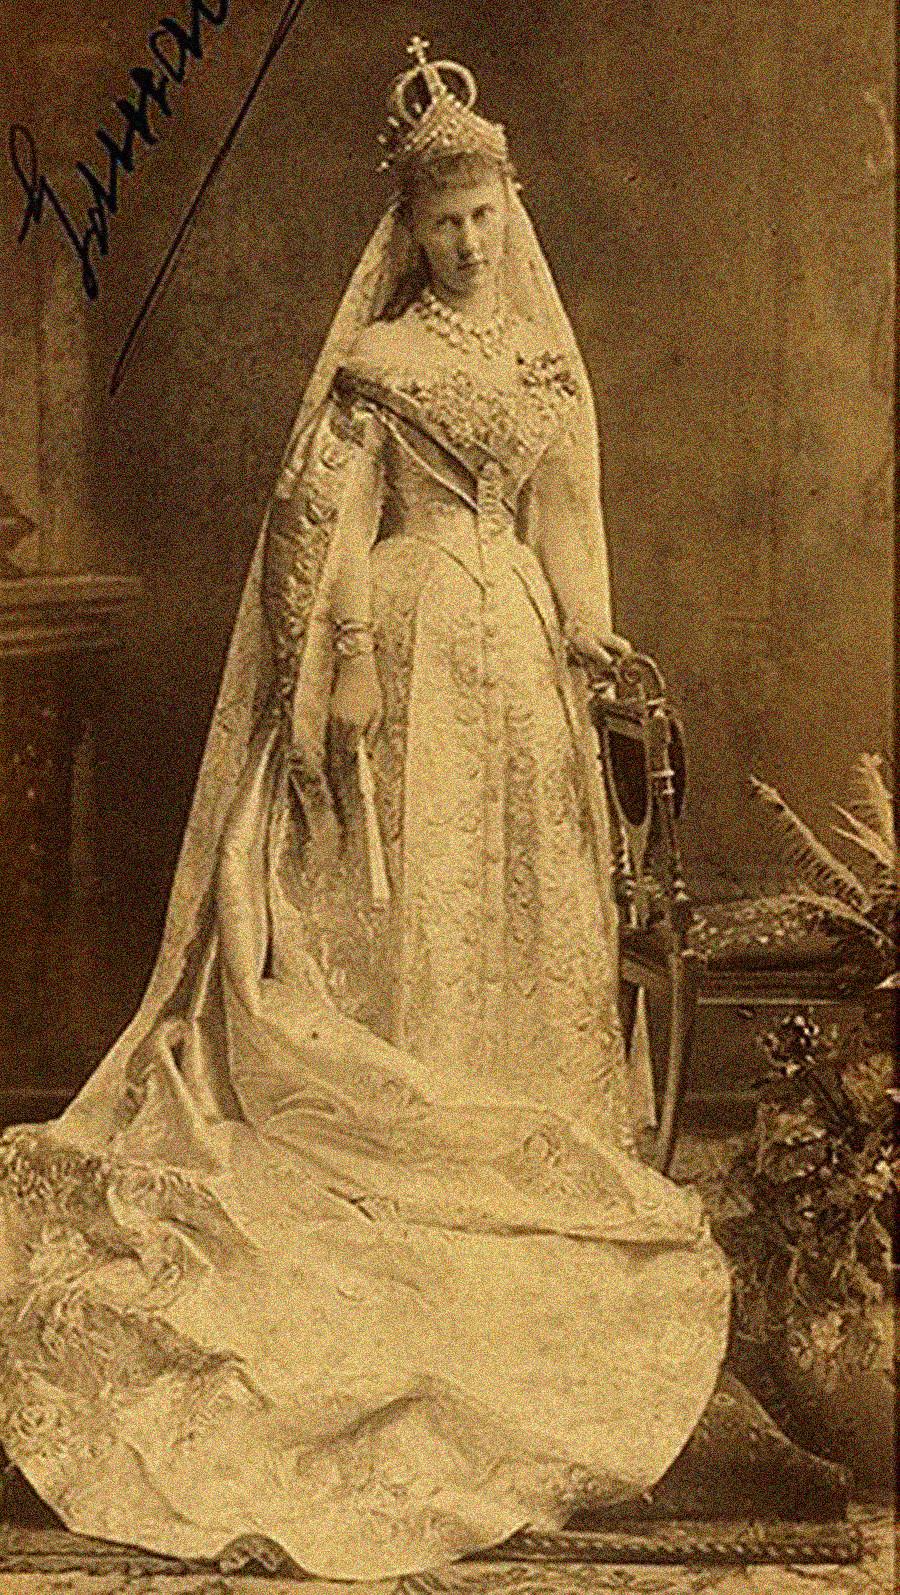 Großherzogin Elizabeth Mawrikijewna, Enkelin von Nikolaus I., im Hochzeitskleid, 1884.